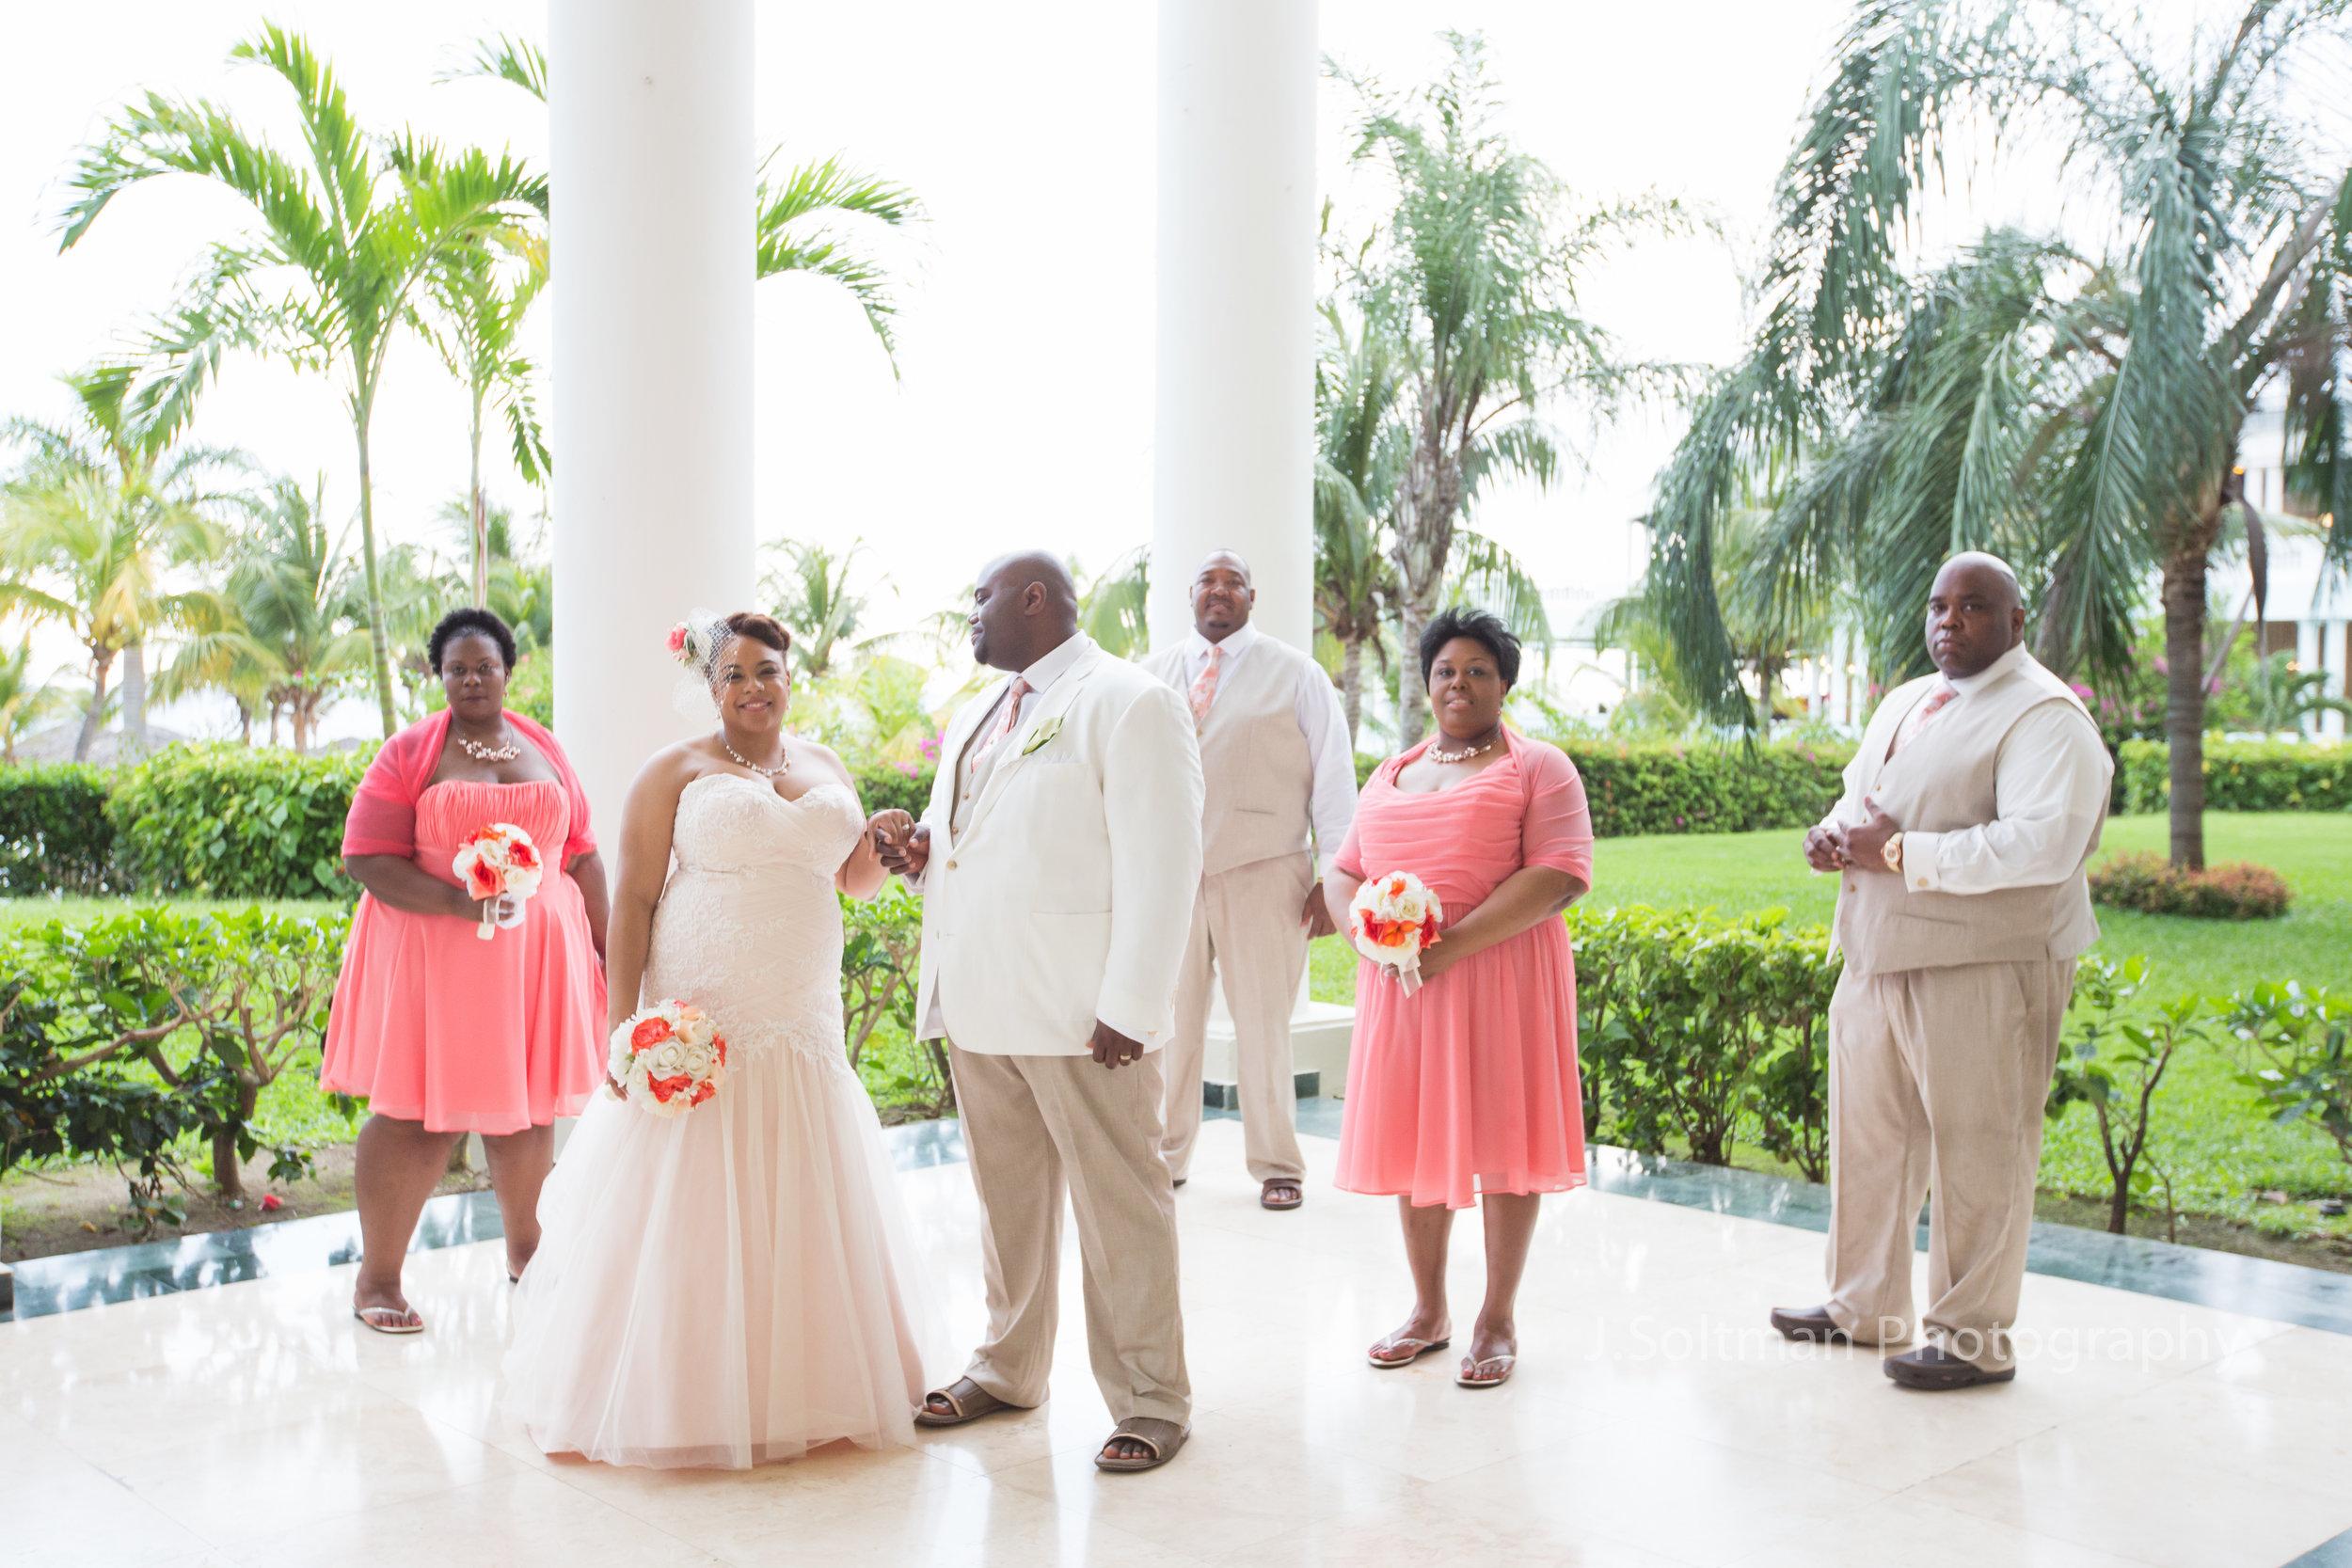 wedding photos-4237